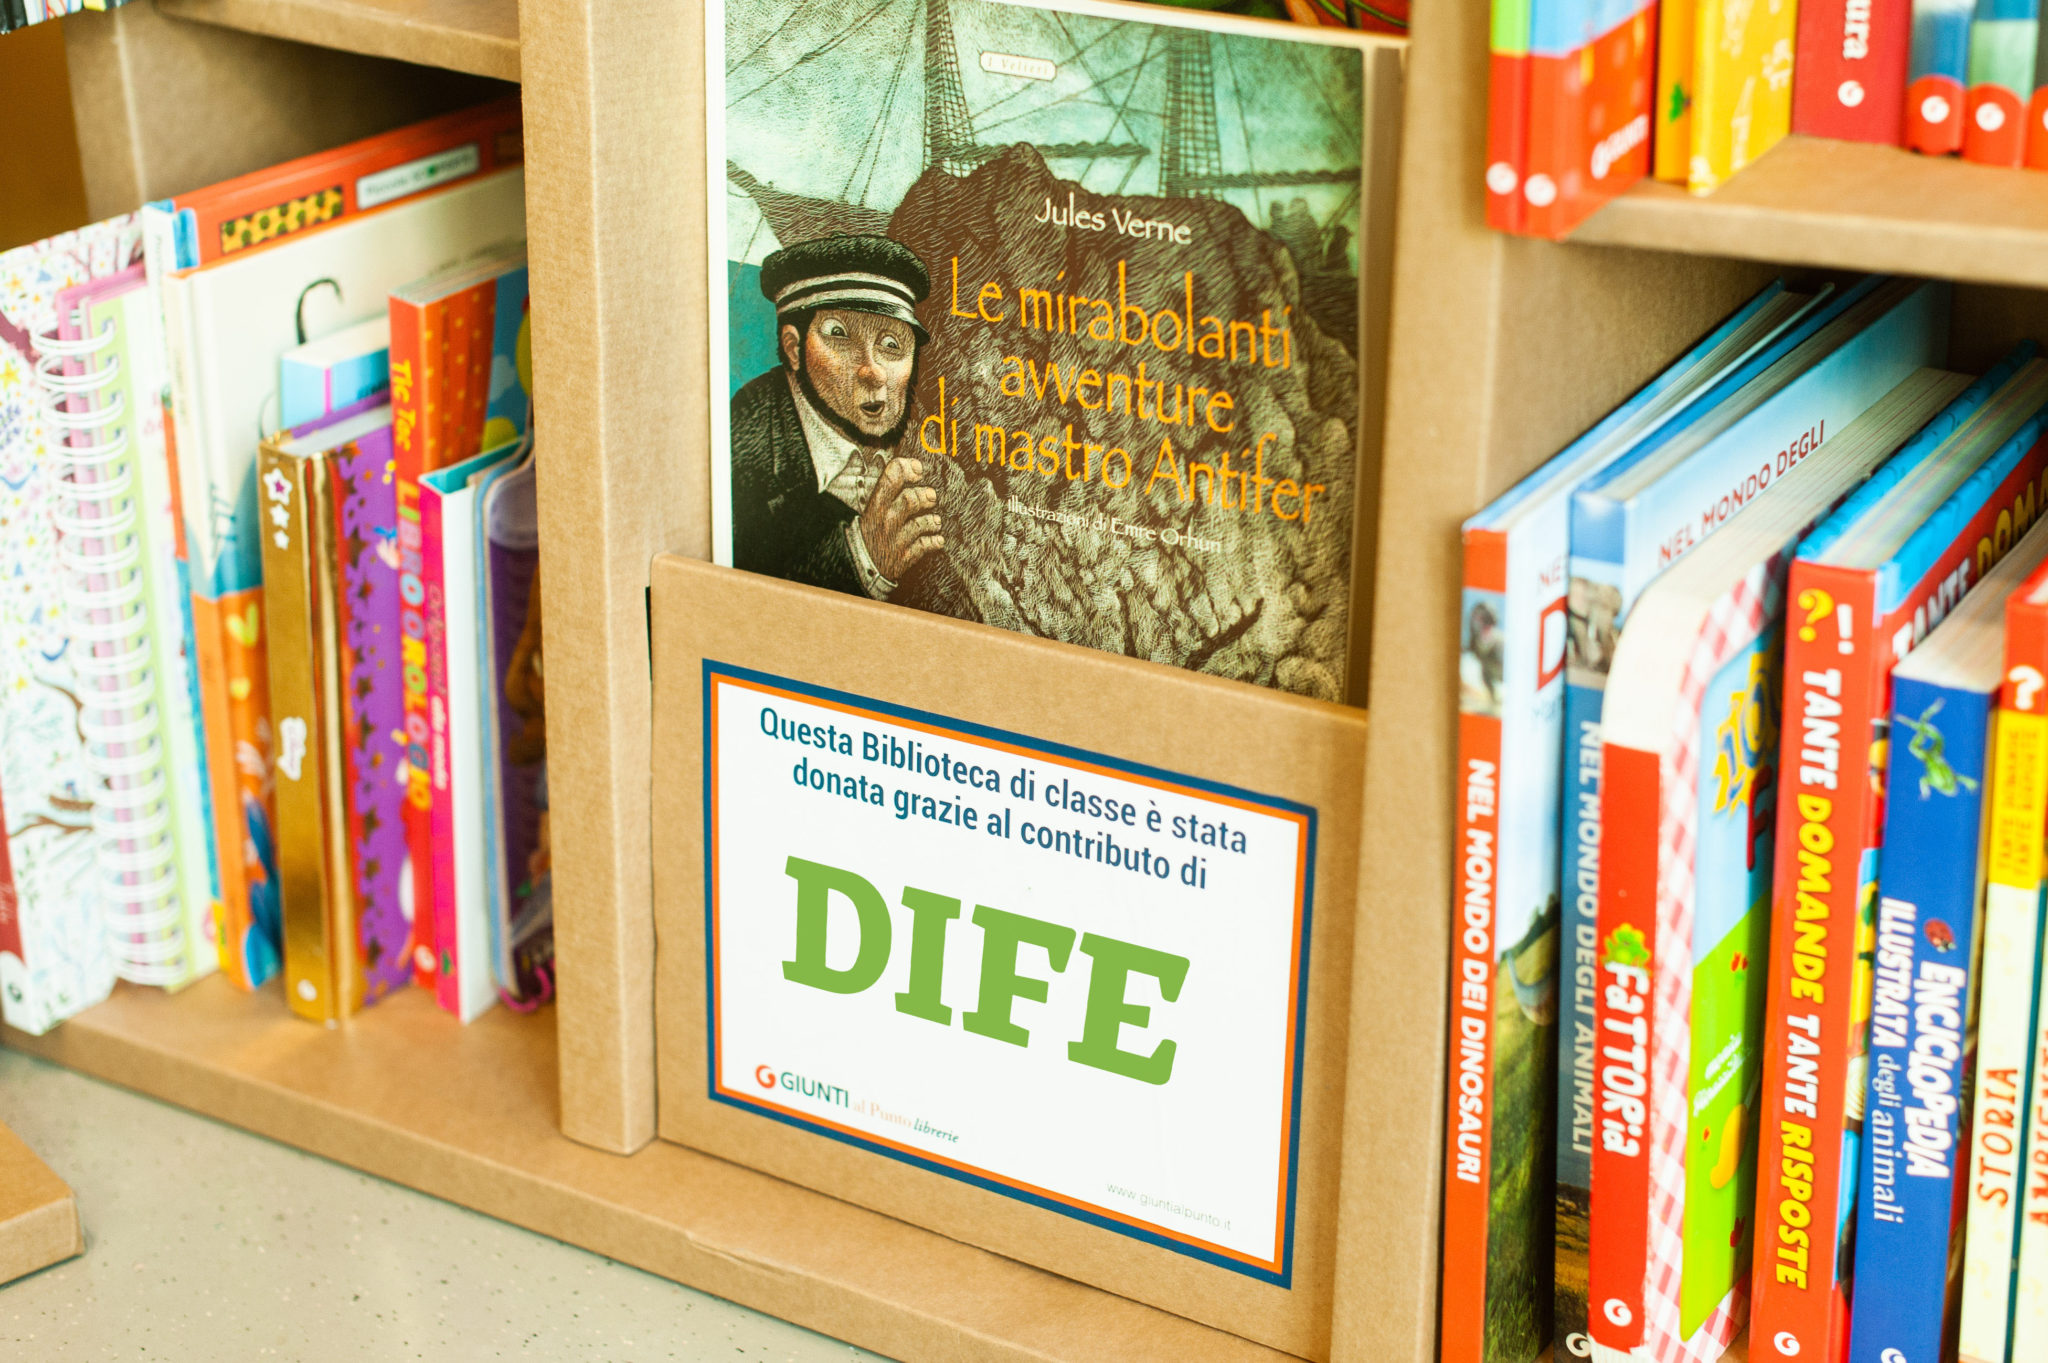 La biblioteca donata da Dife SpA all'ospedale pediatrico San Jacopo di Pistoia